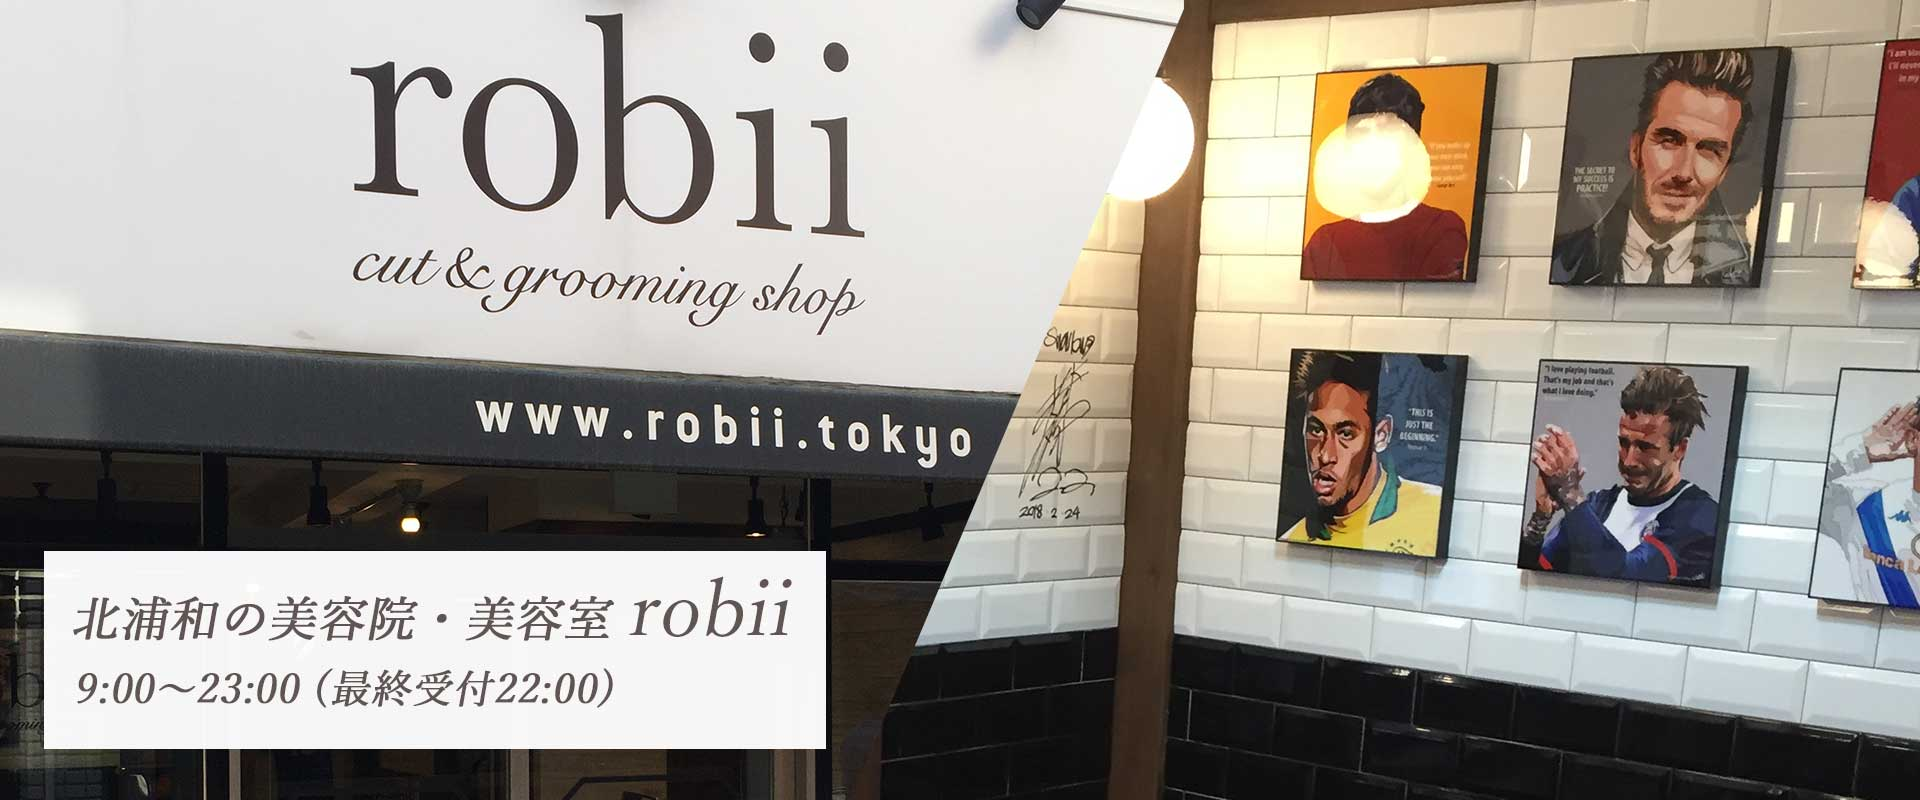 北浦和 メンズ美容室・美容院 | robii(ロビー)ヘッダーその4